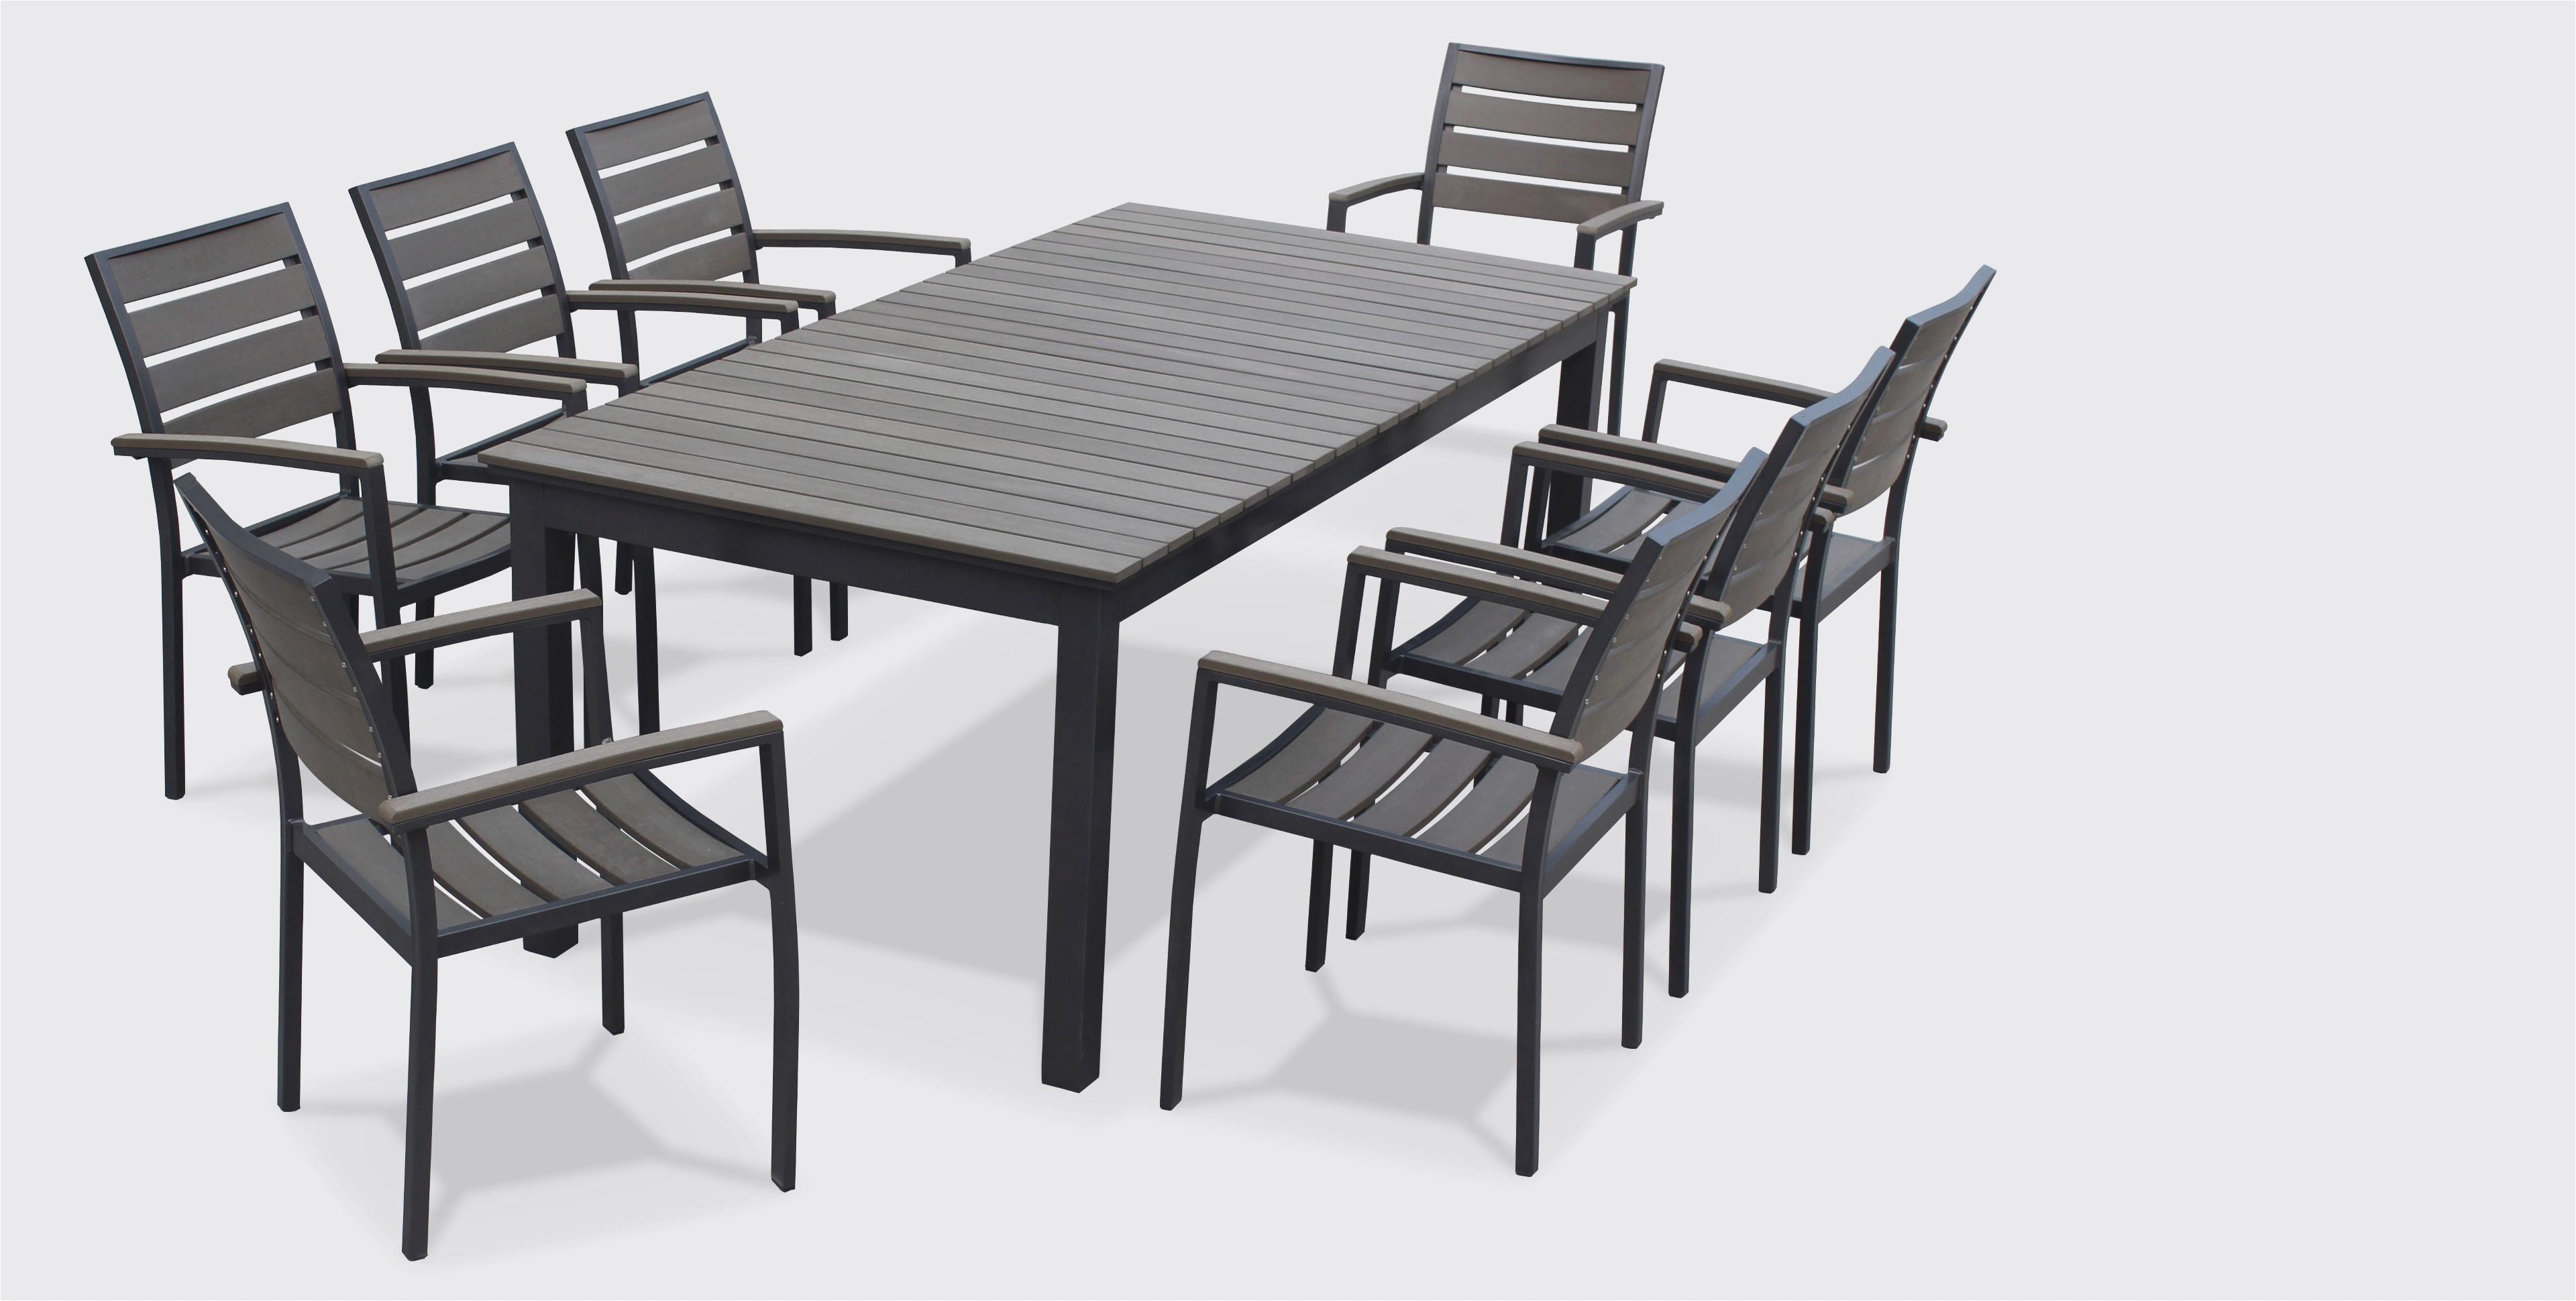 Table Et Chaises De Jardin Leclerc Luxe Photos Fauteuil Jardin Leclerc Luxe Leclerc Table De Jardin Avec Frais